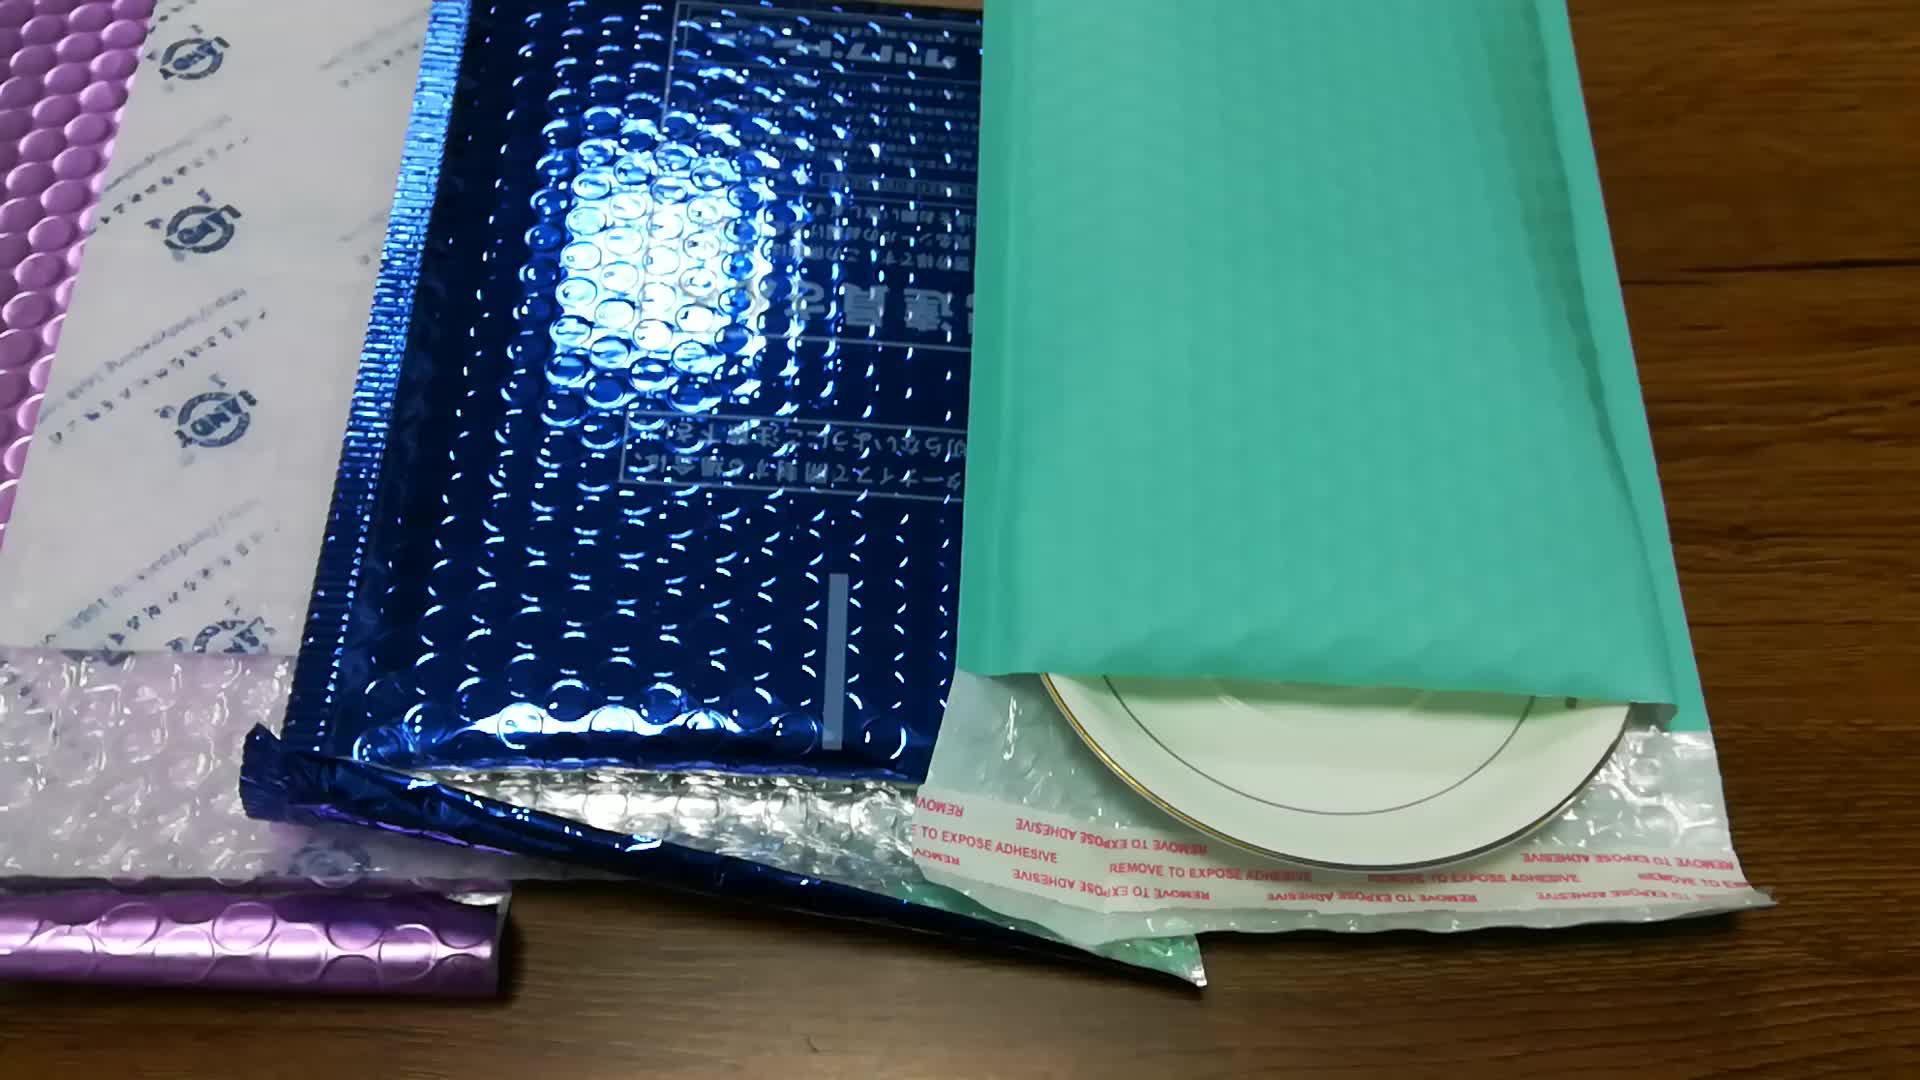 Selbst Klebe Kraft Express Mailing Taschen Kleine Blase Werbungen Aufgefüllte Umschläge